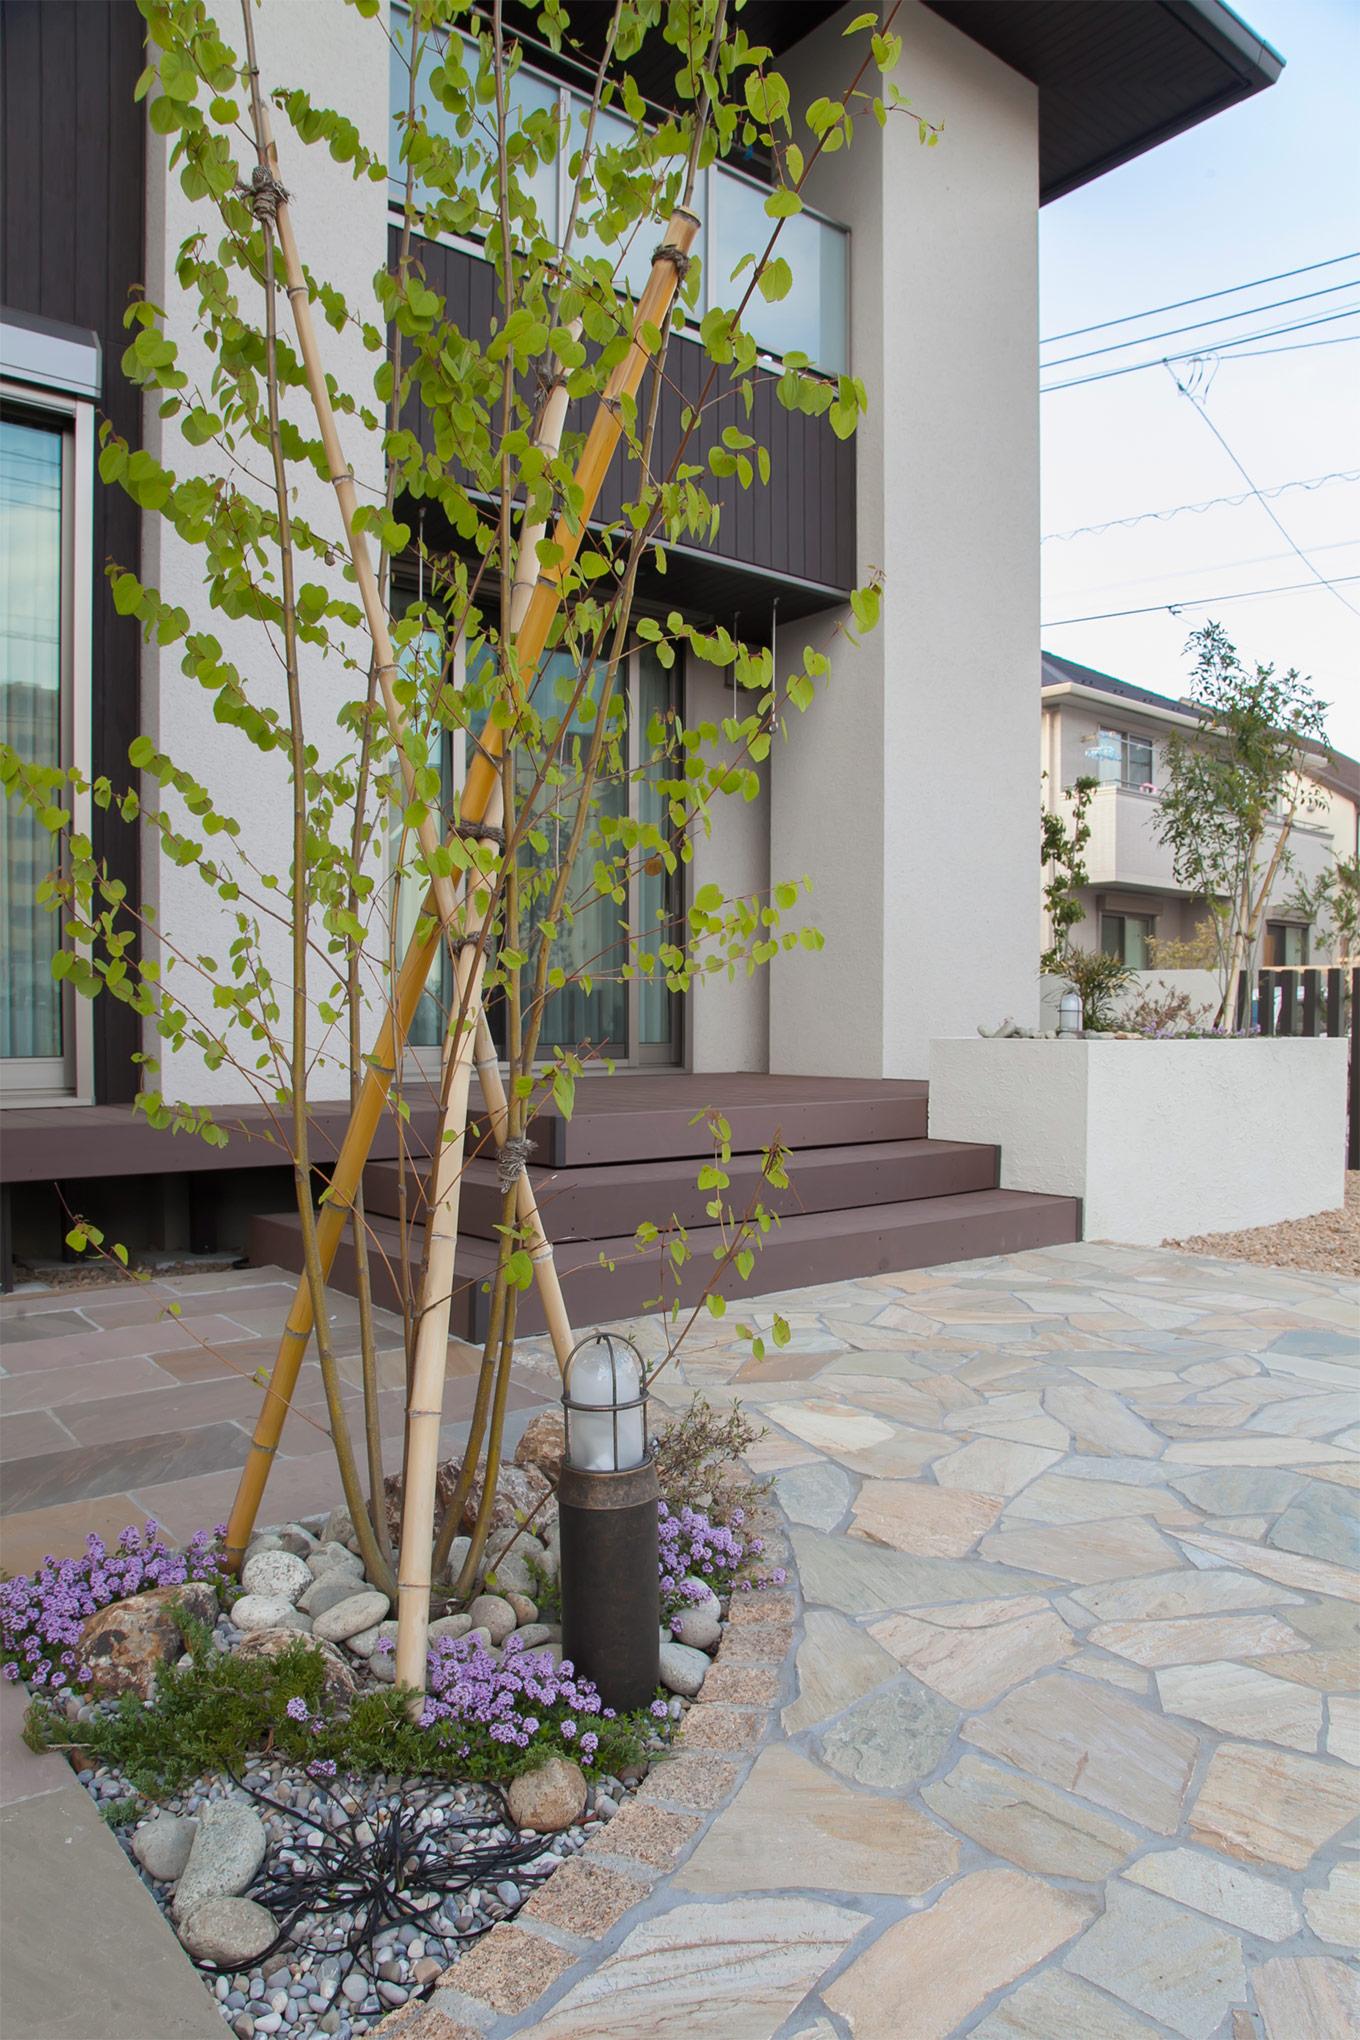 サークルの芝スペースやシンボルツリー、石張りなど空間に動きをつくります